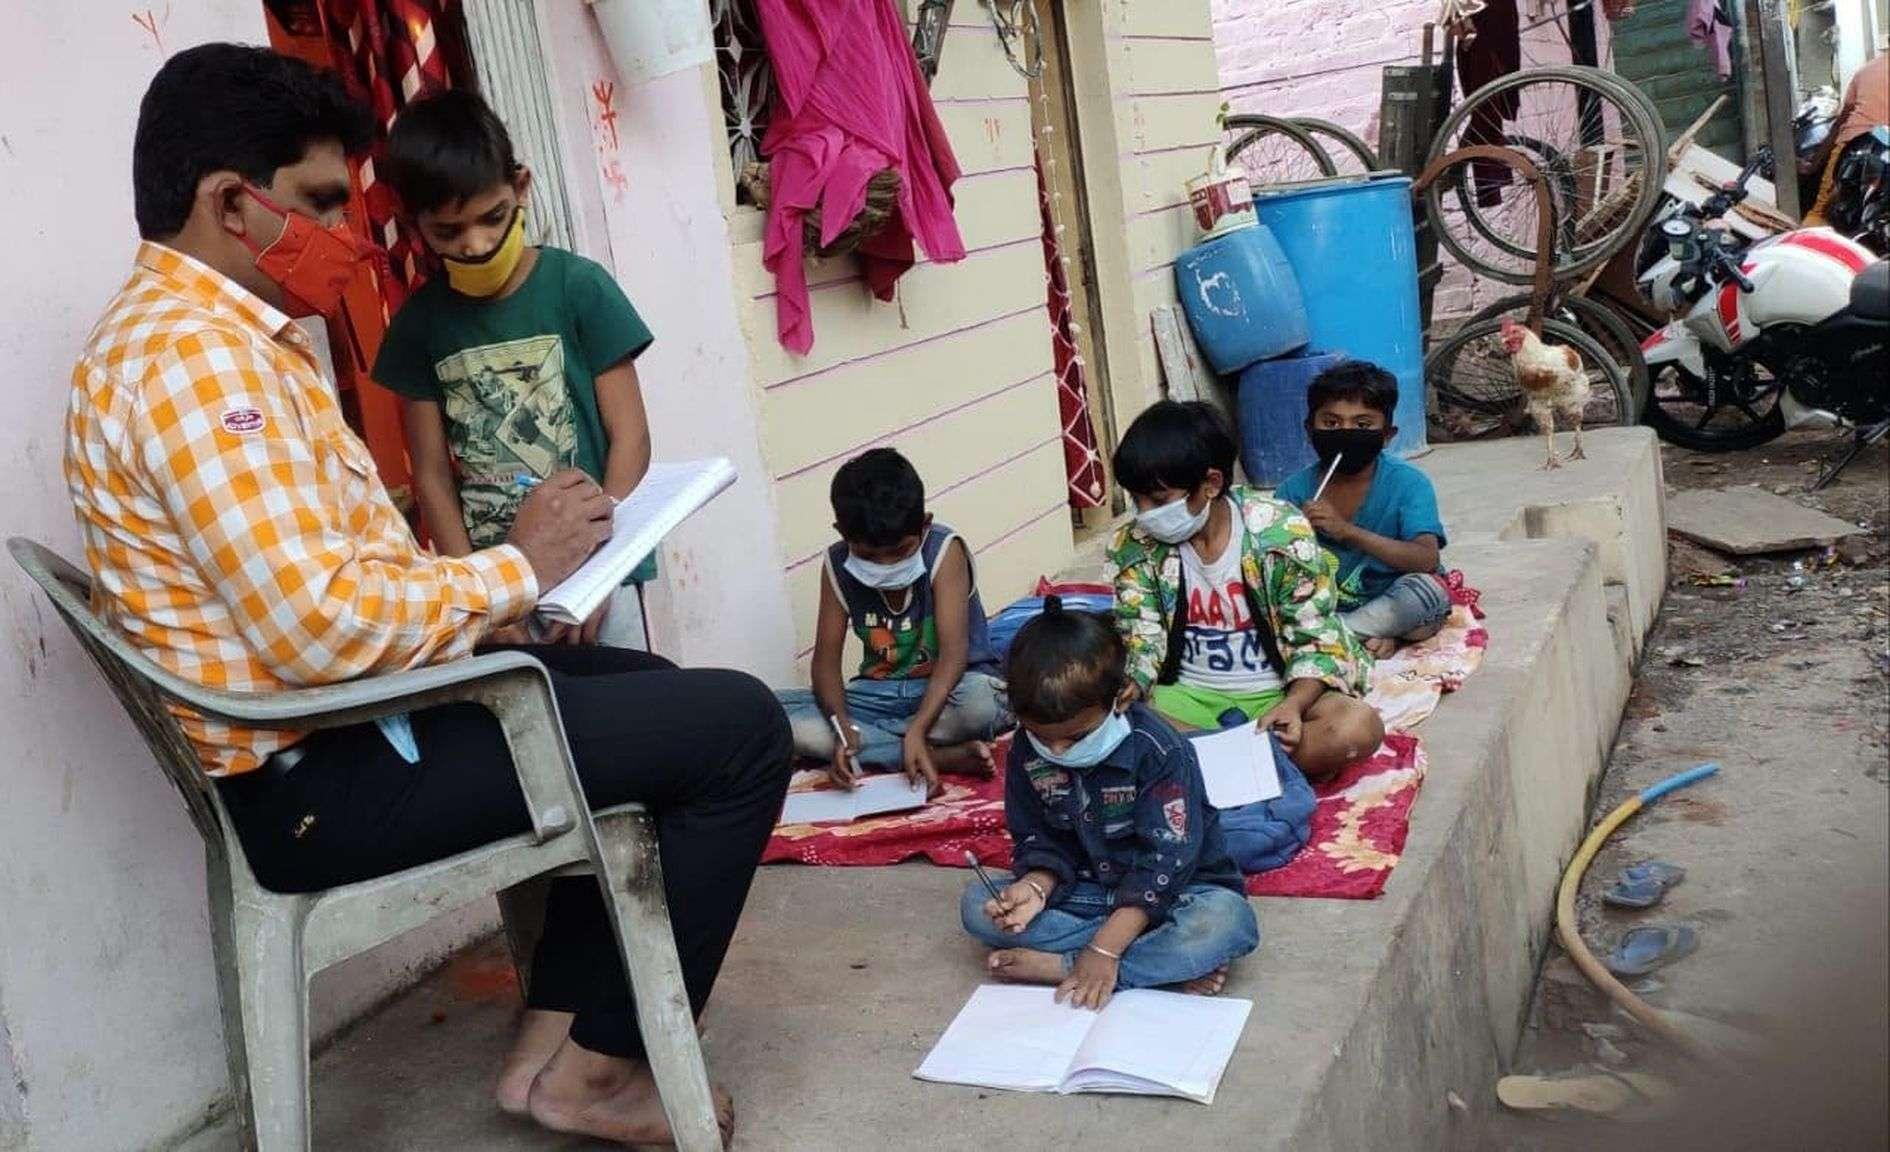 कोरोना ने कर दिया था किताबों से दूर, अब मोहल्ले में ही मिलने लगी शिक्षा